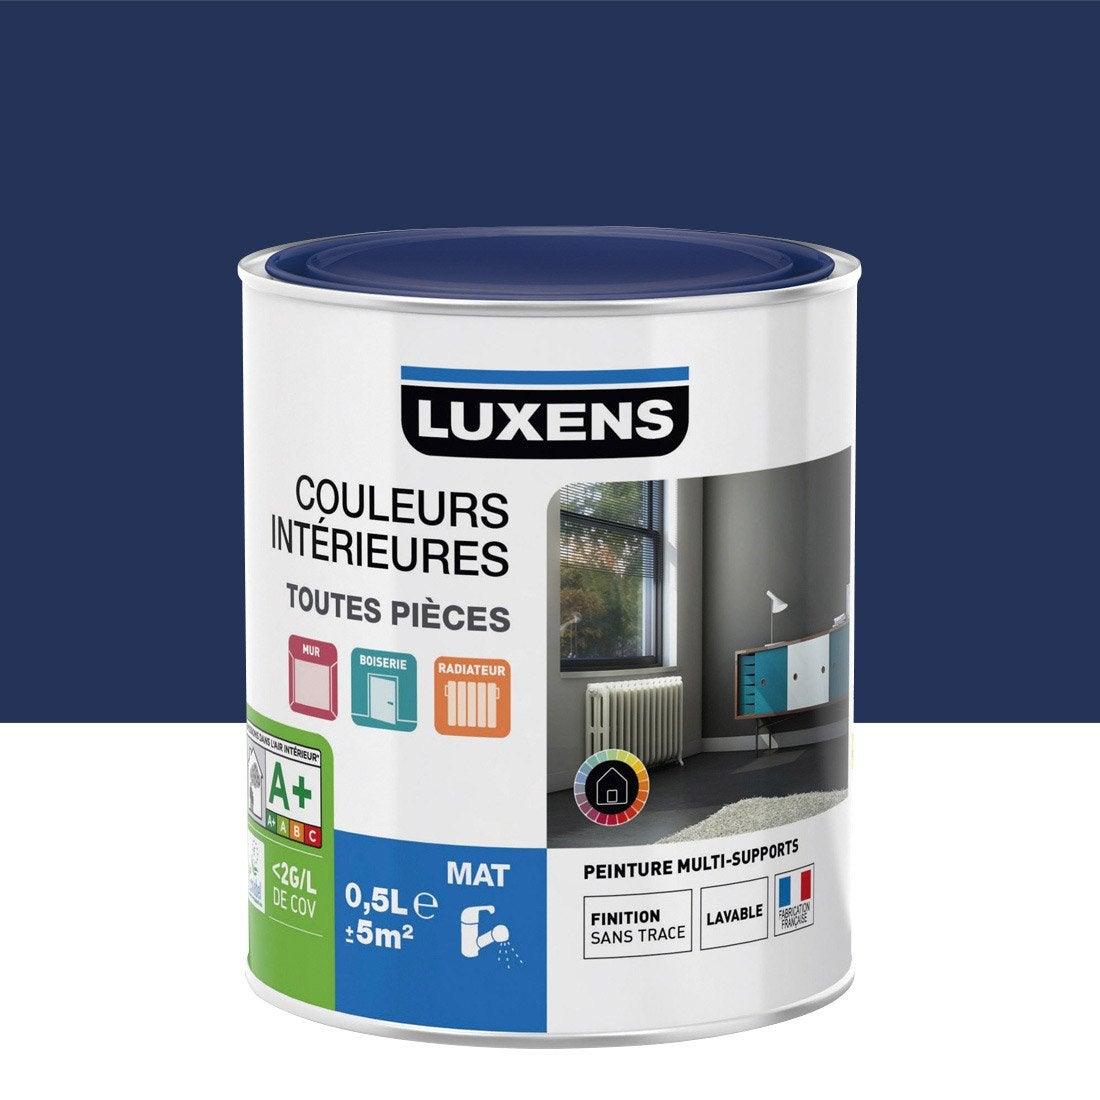 Peinture bleu bleu 1 luxens couleurs int rieures mat 0 5 l - Peinture bleu petrole leroy merlin ...